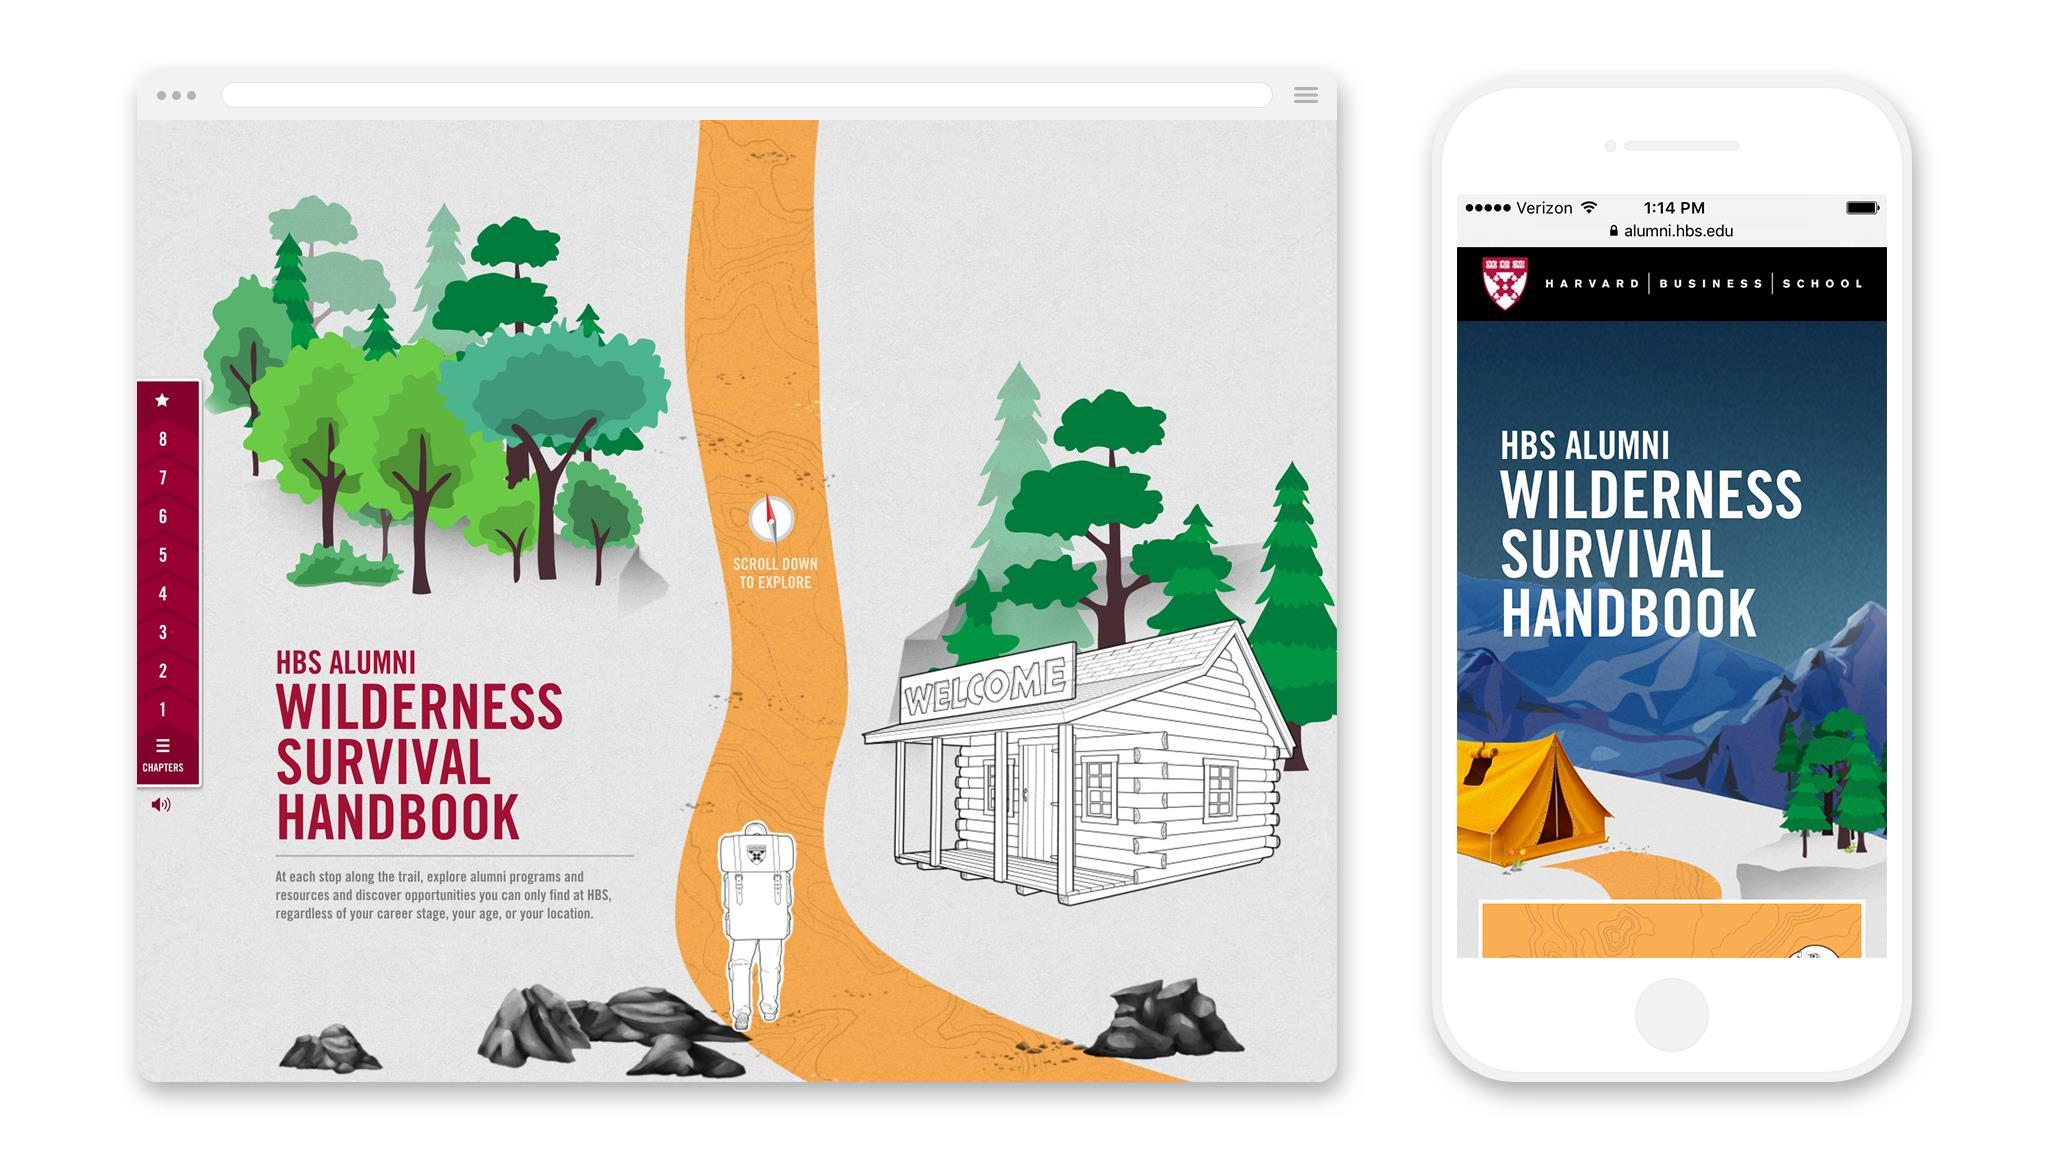 Harvard Business School: Alumni Wilderness Survival Handbook